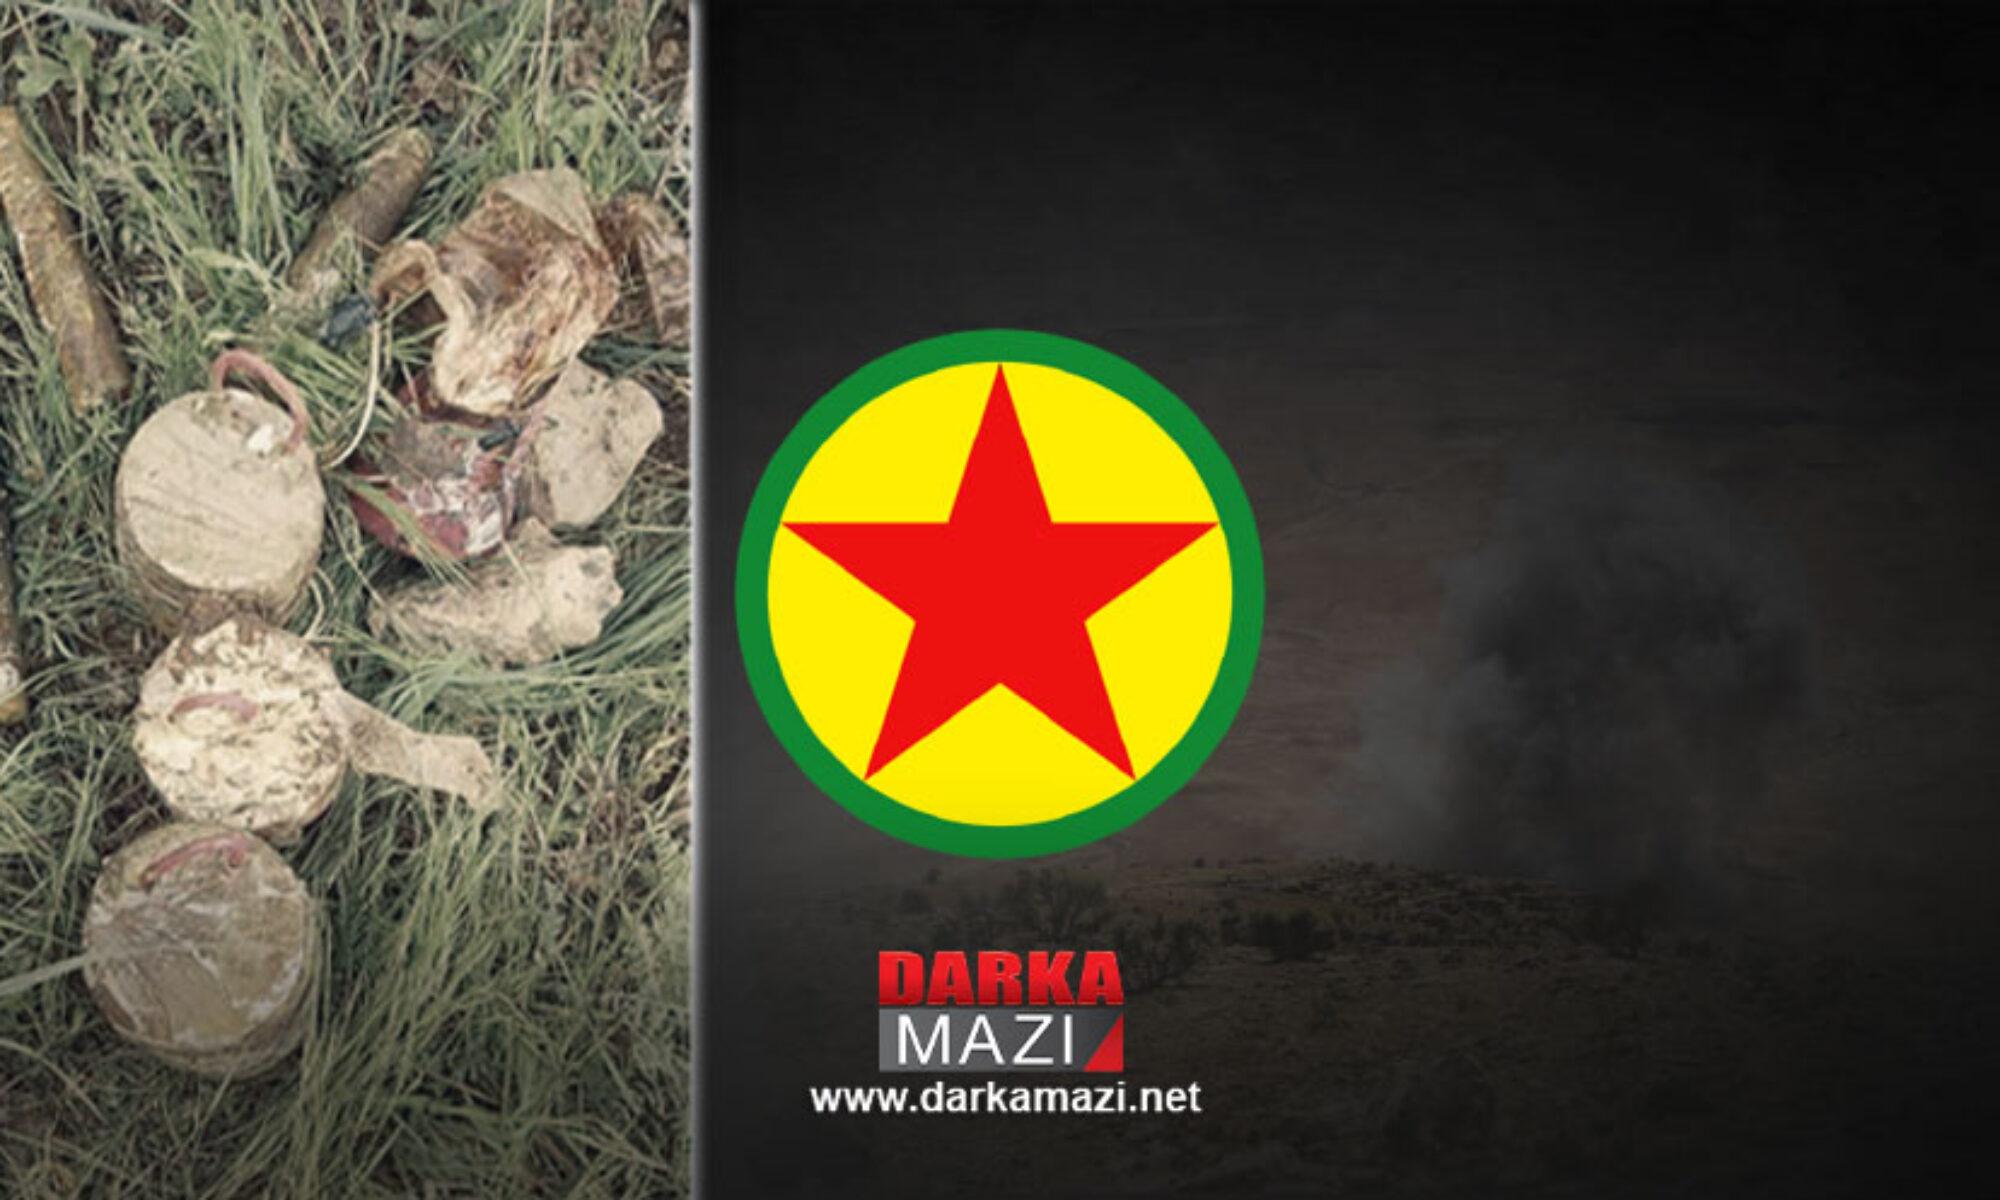 PKK Duhok il sınırları içinde Anti-Mayın çalışmalarının yürütülmesini engelliyor